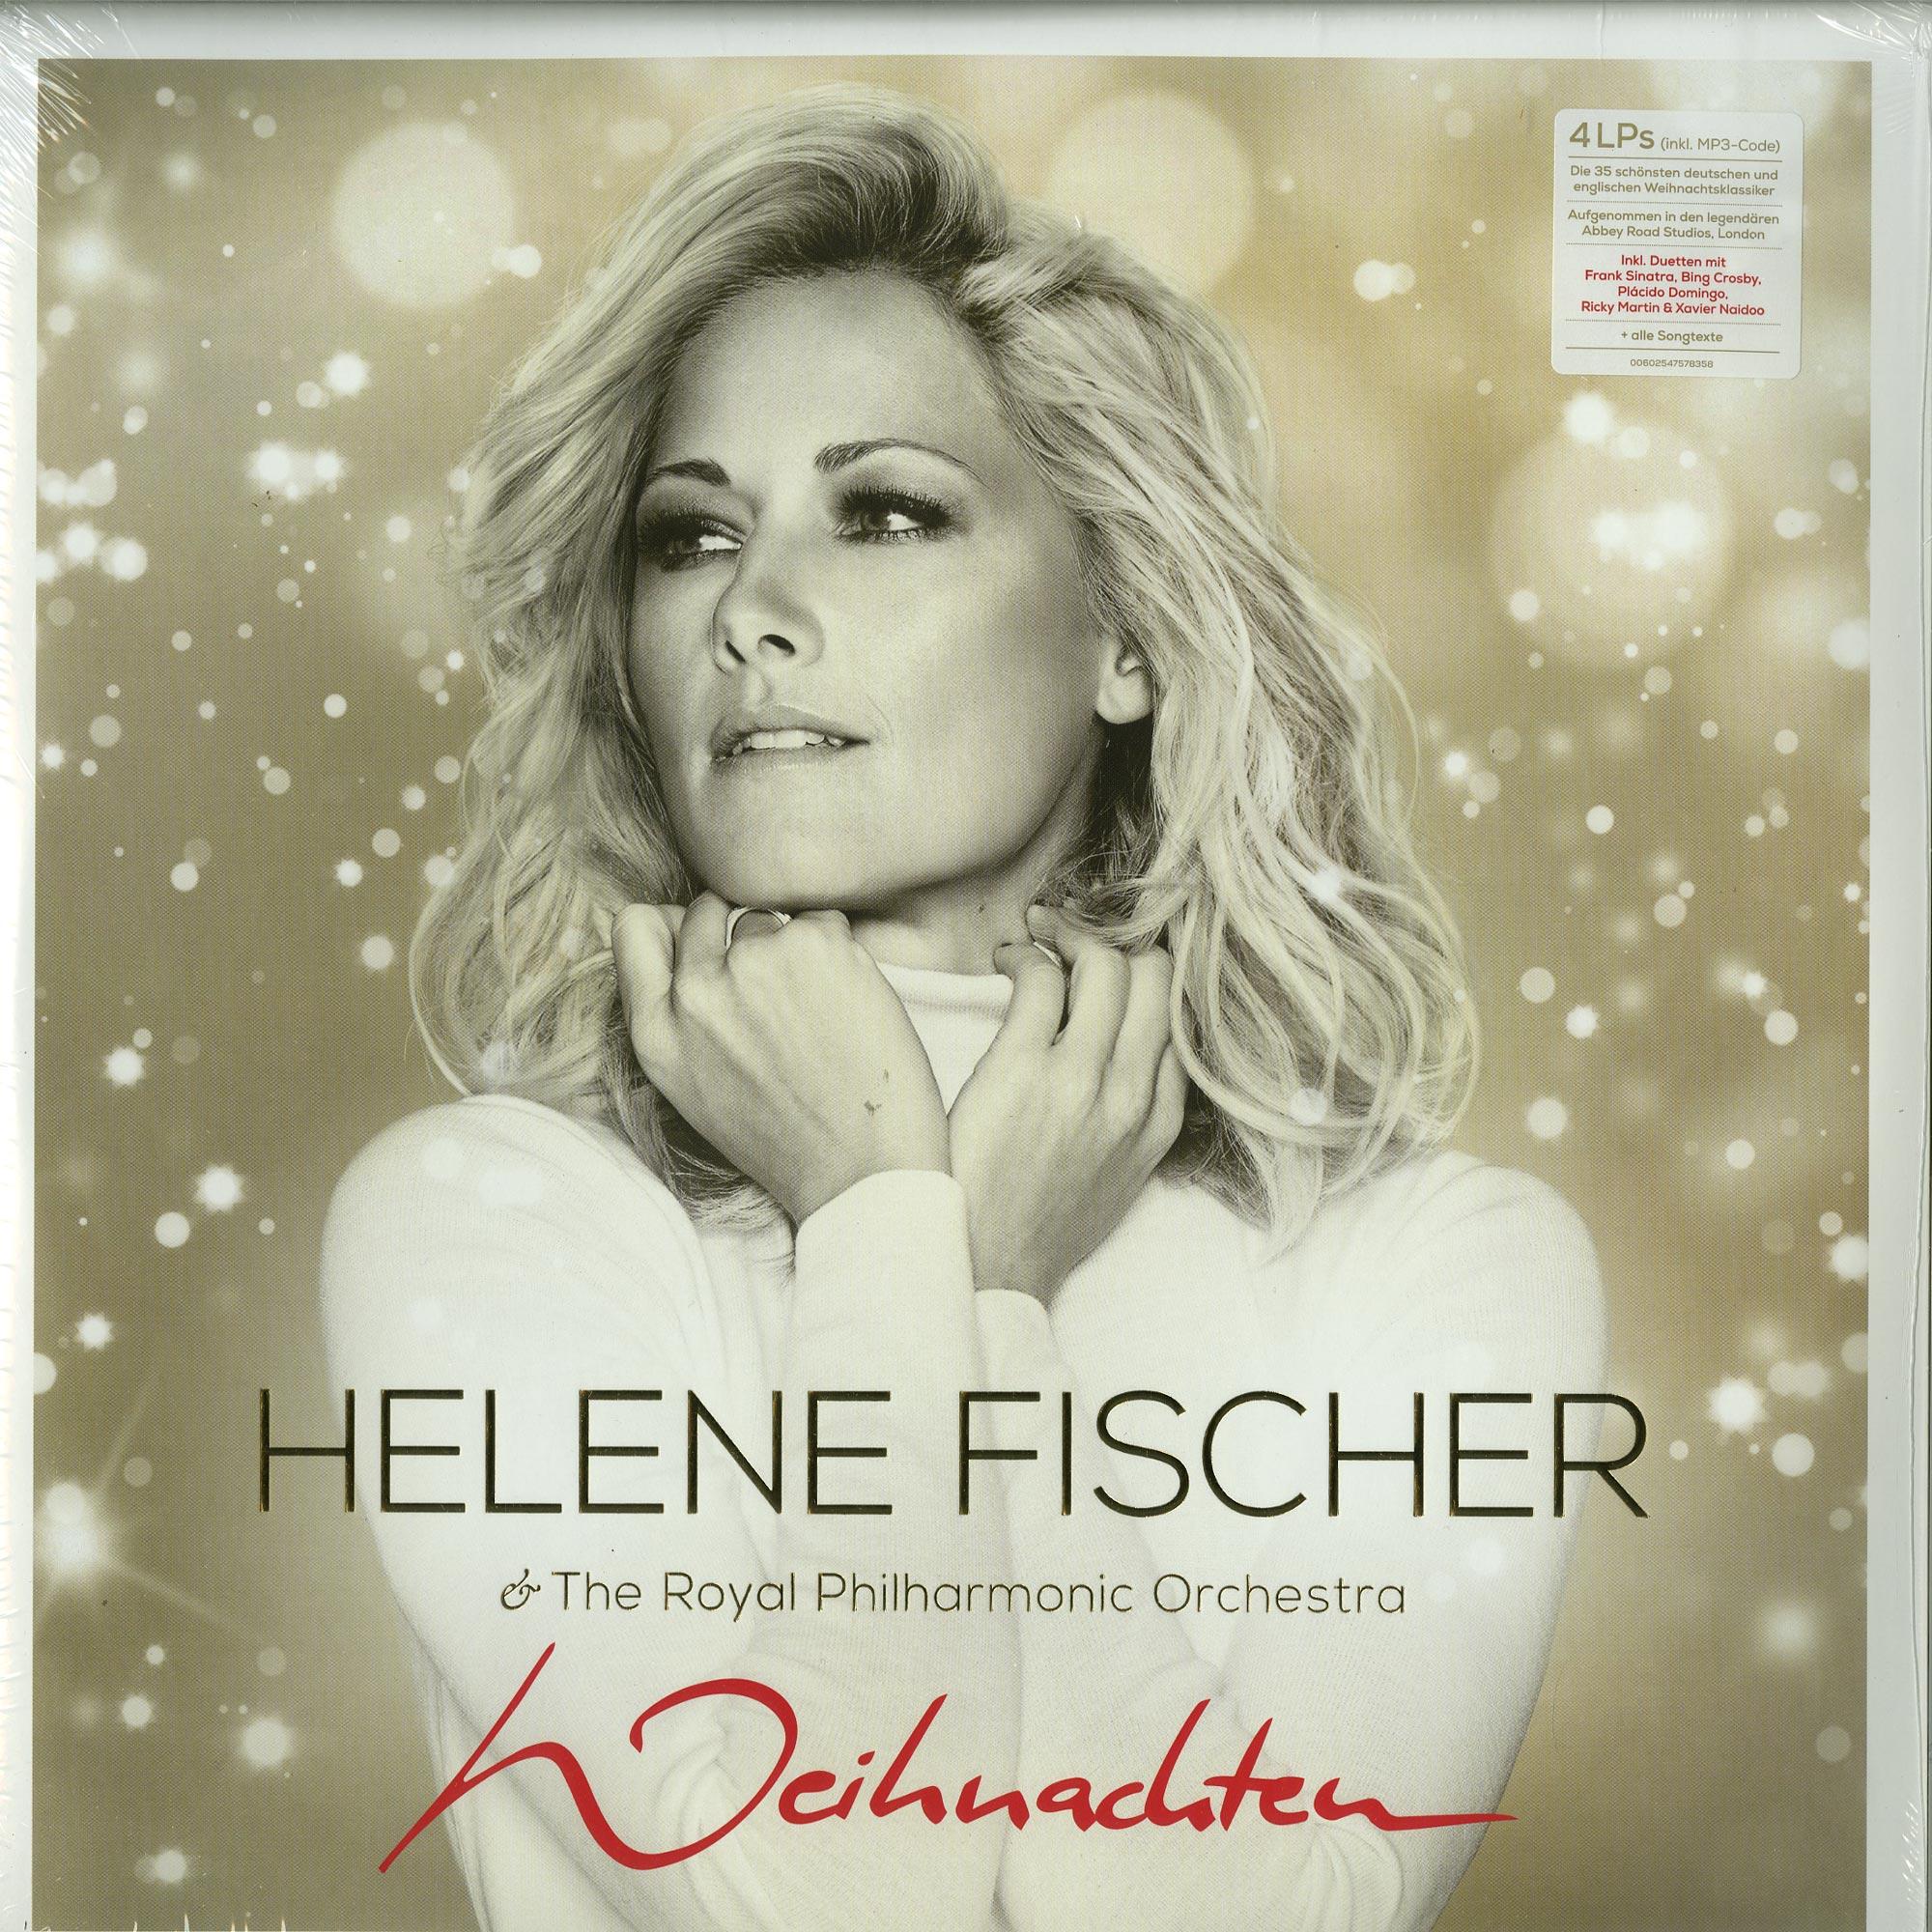 Helene Fischer The Royal Philharmonic Orchestra Weihnachten